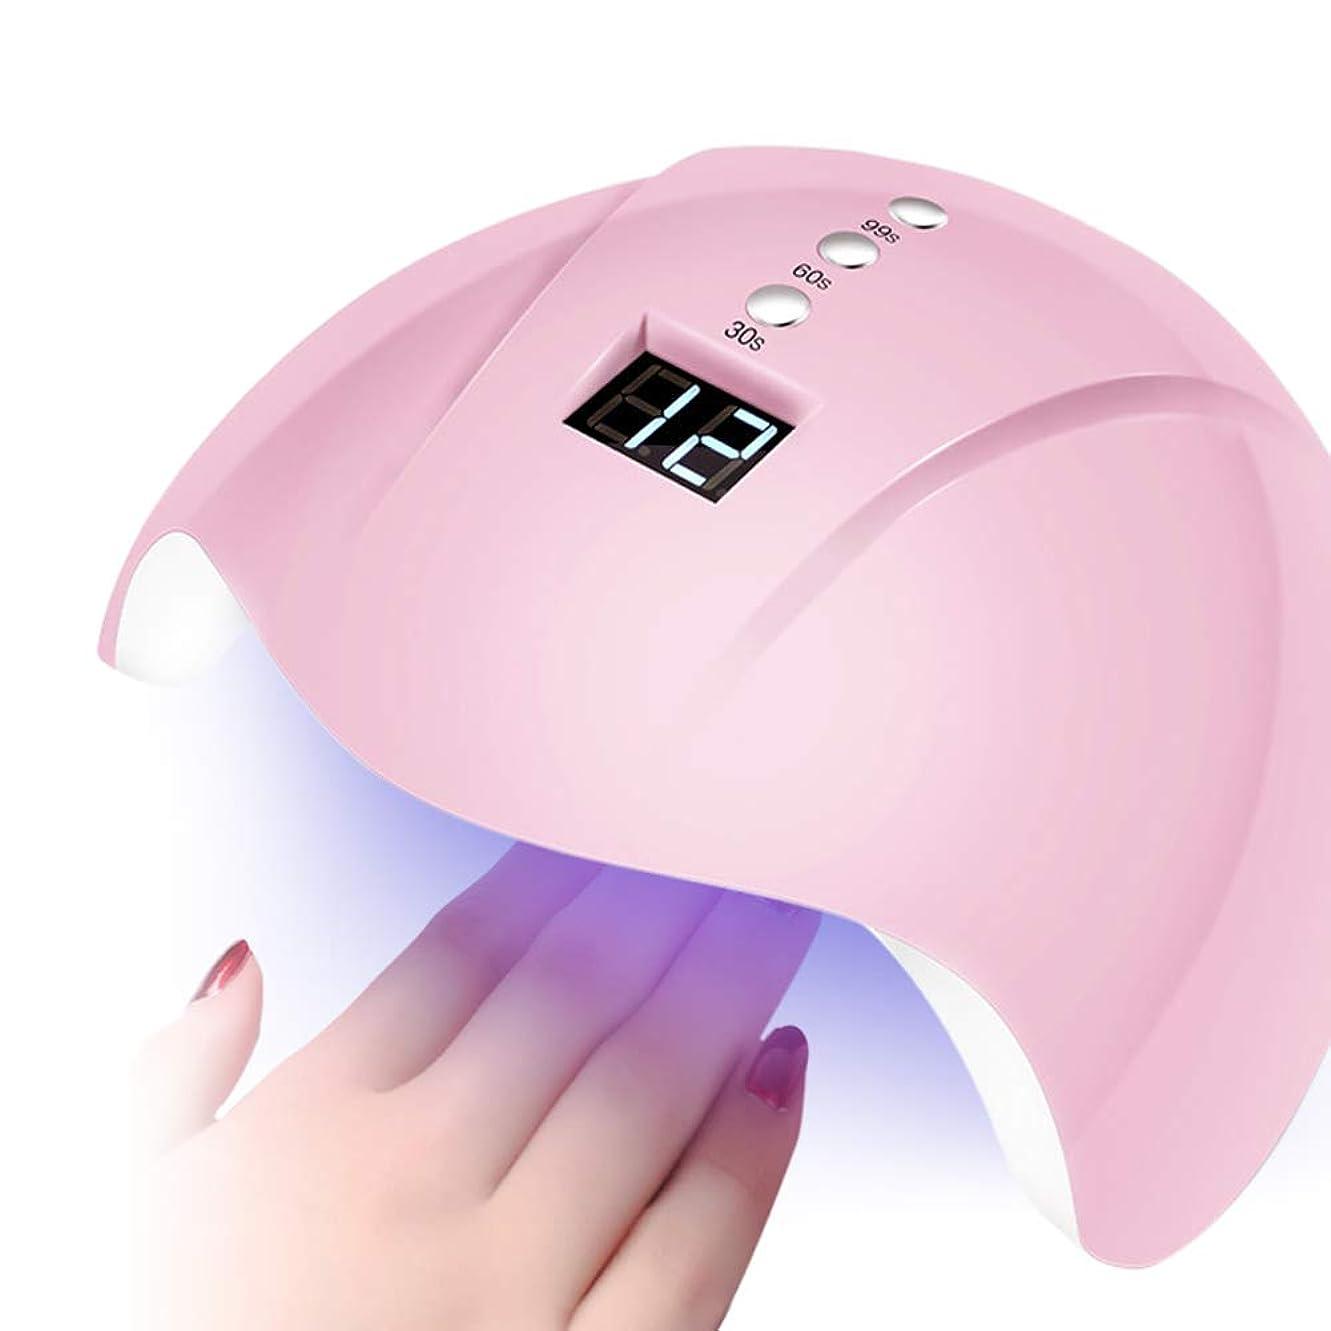 教育ウィザード時制2019最新版 LEDネイルドライヤー UVライト 36W LED硬化ライト 自動センサー 3段階タイマー設定 12LED 高速硬化ジェルネイルライトUVとLEDダブルライト ジェルネイル用 (ピンク)